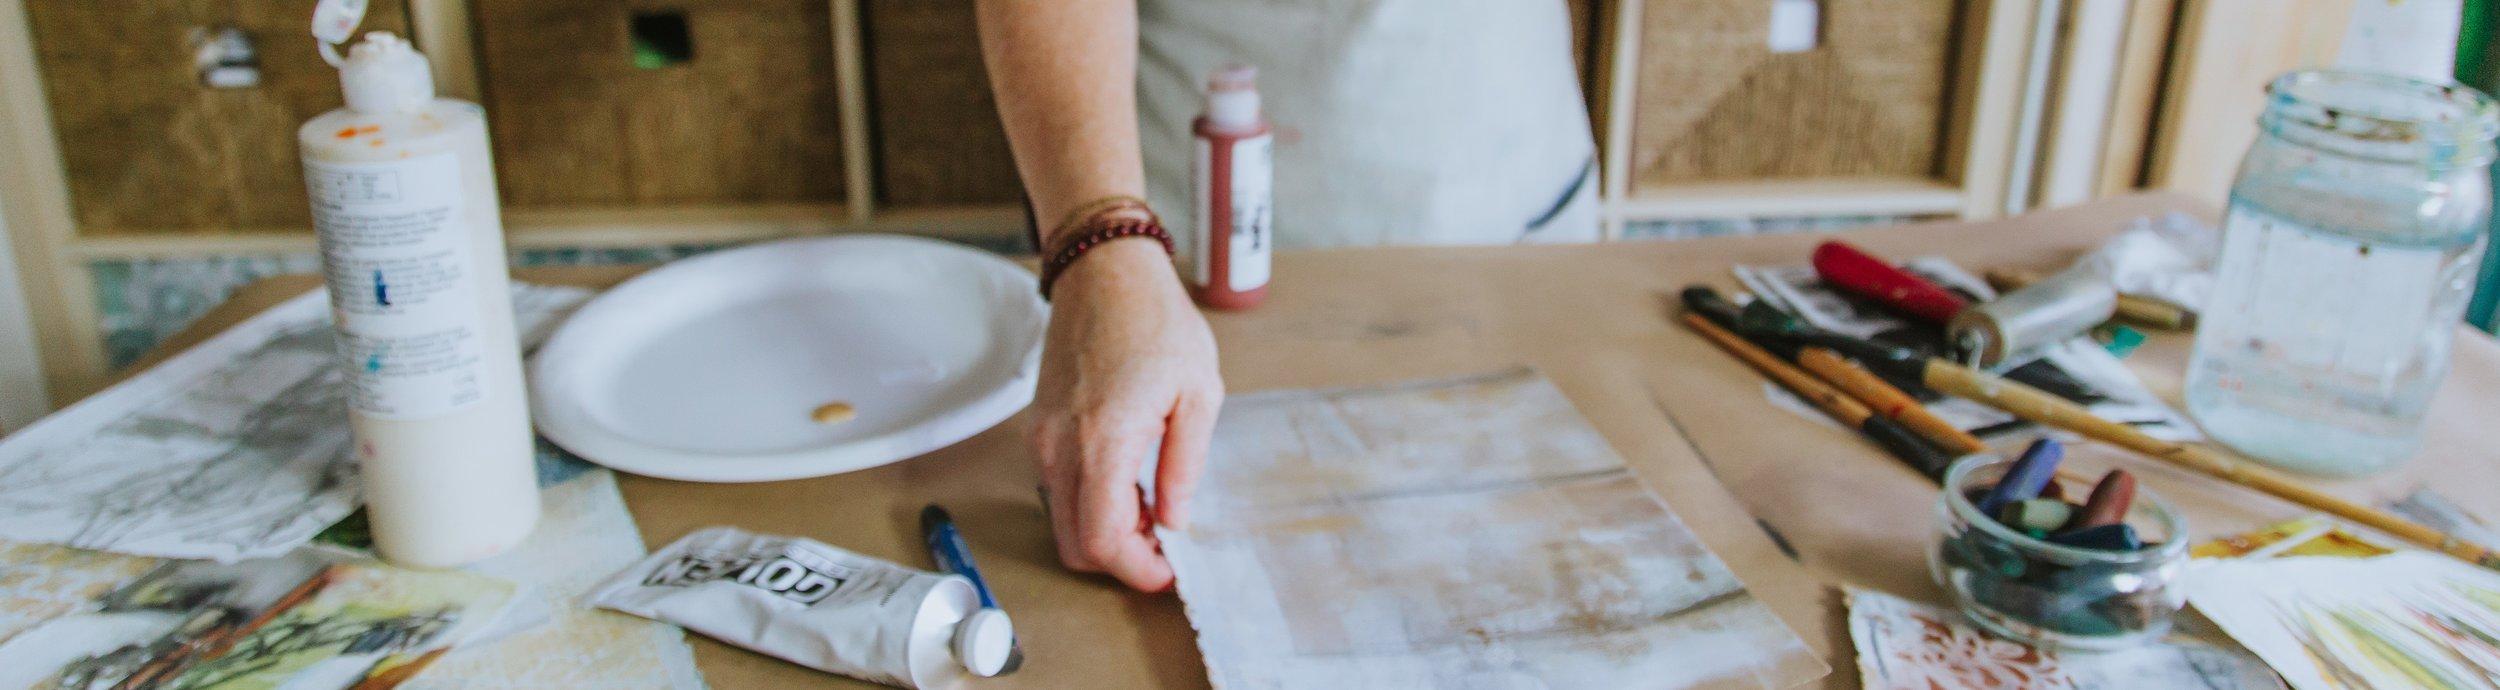 True Colors Art Program with Kellee Wynne Studios in the studio painting 13 (2).jpg